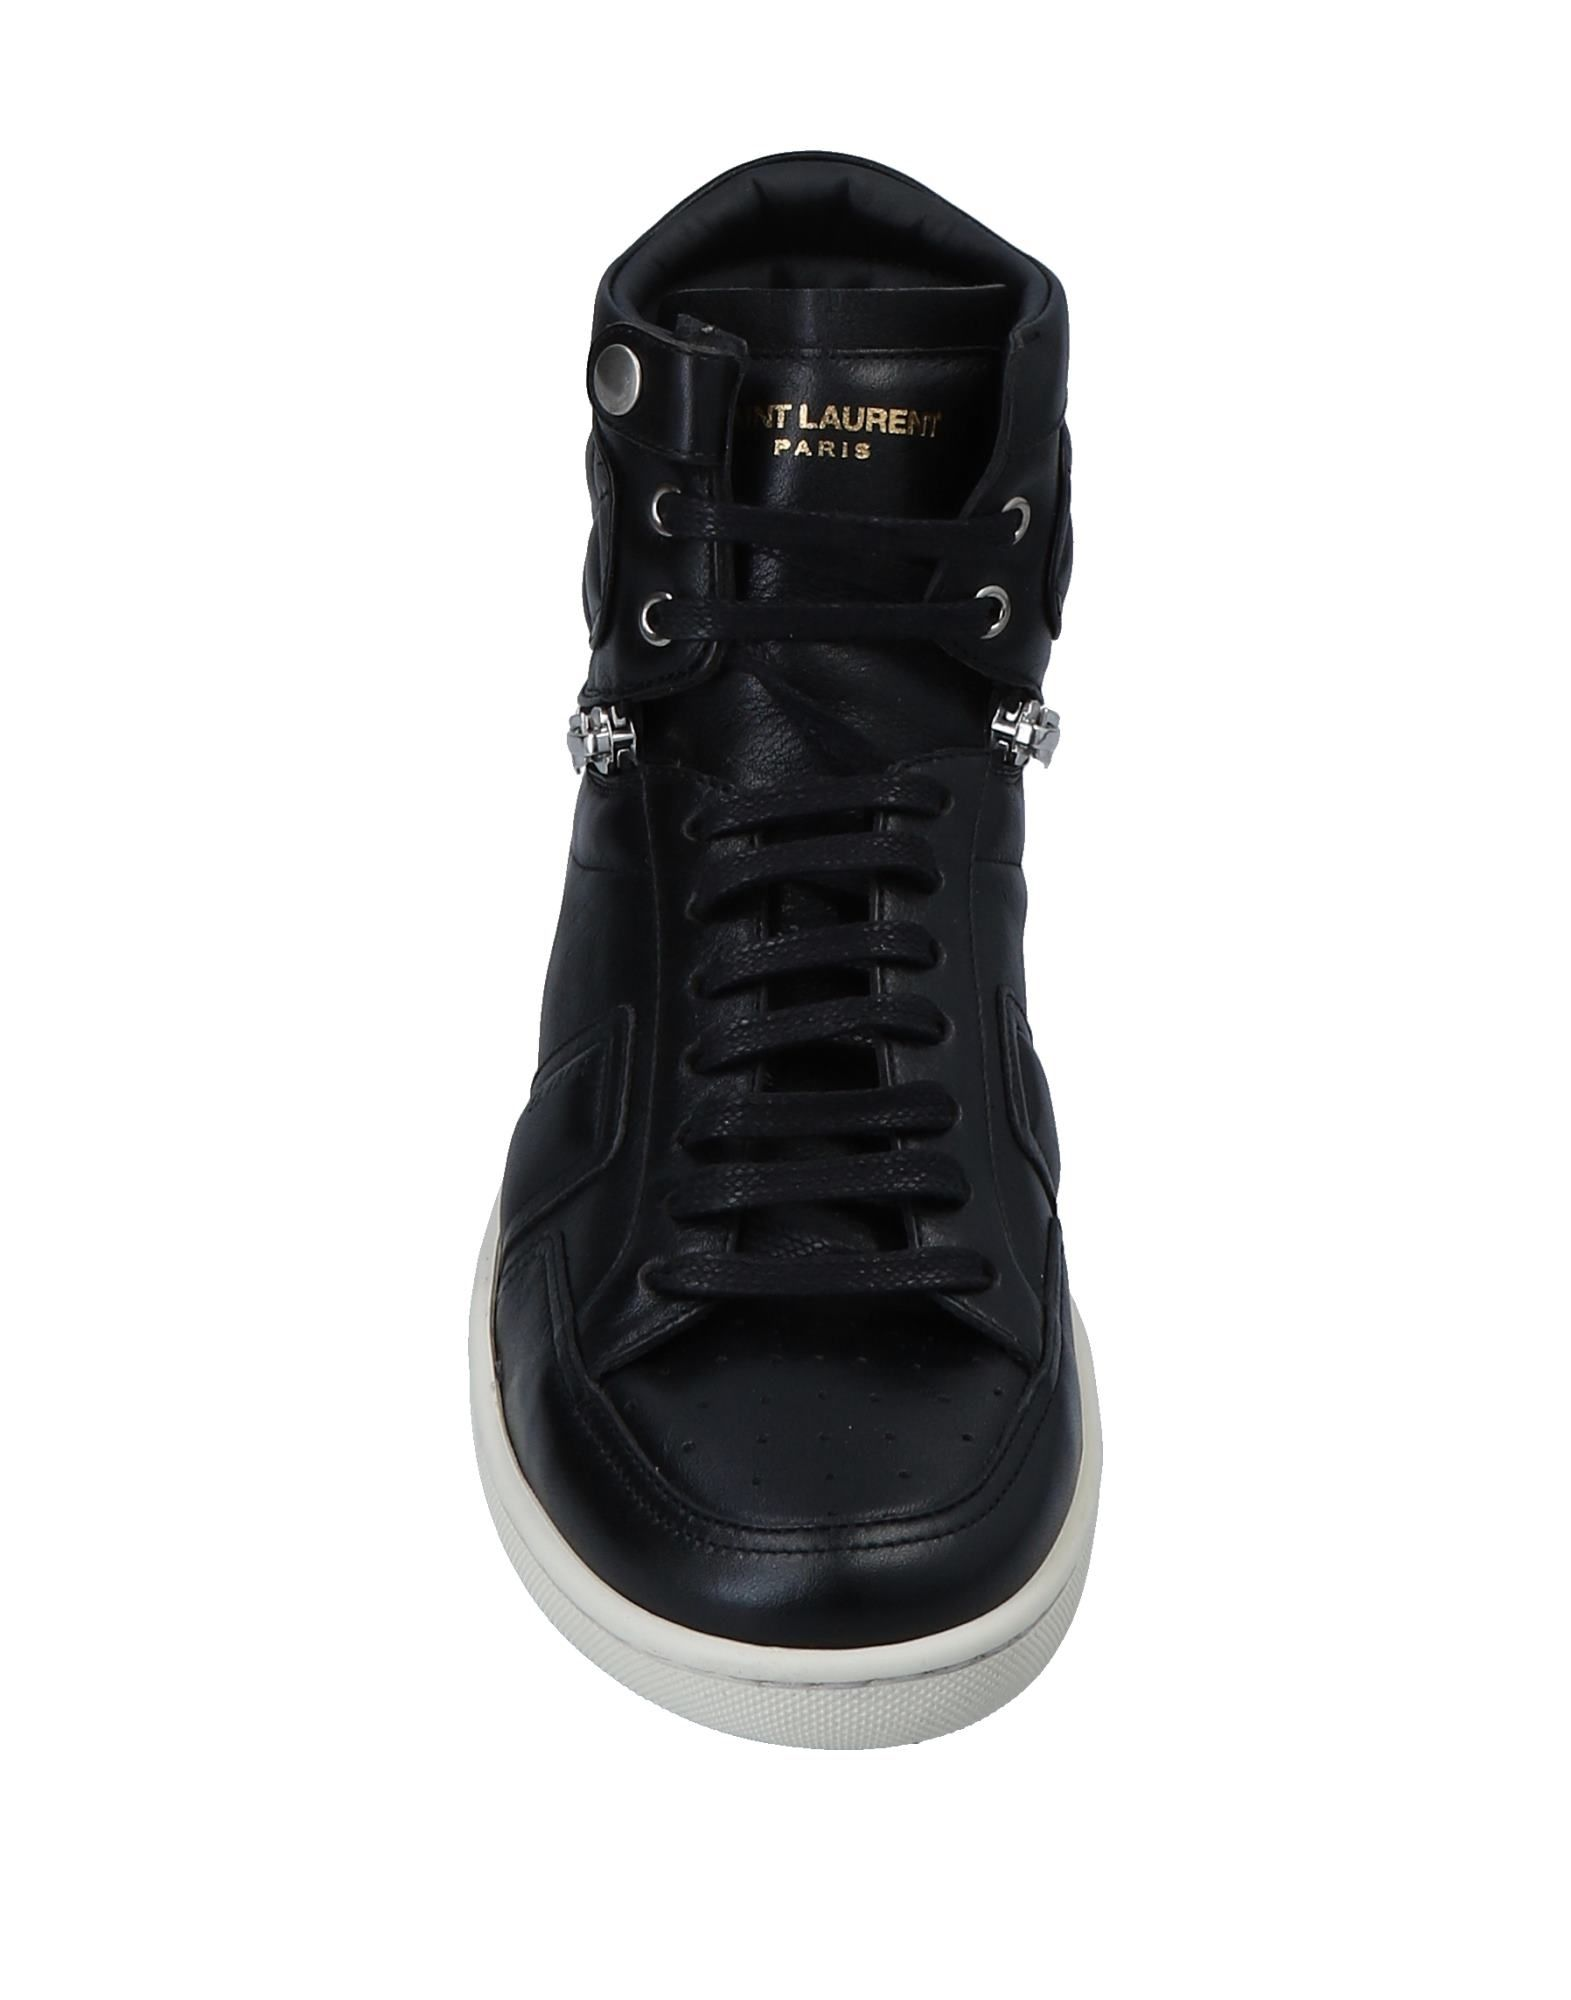 Saint Laurent Sneakers Herren beliebte  11551408EL Gute Qualität beliebte Herren Schuhe e45e45